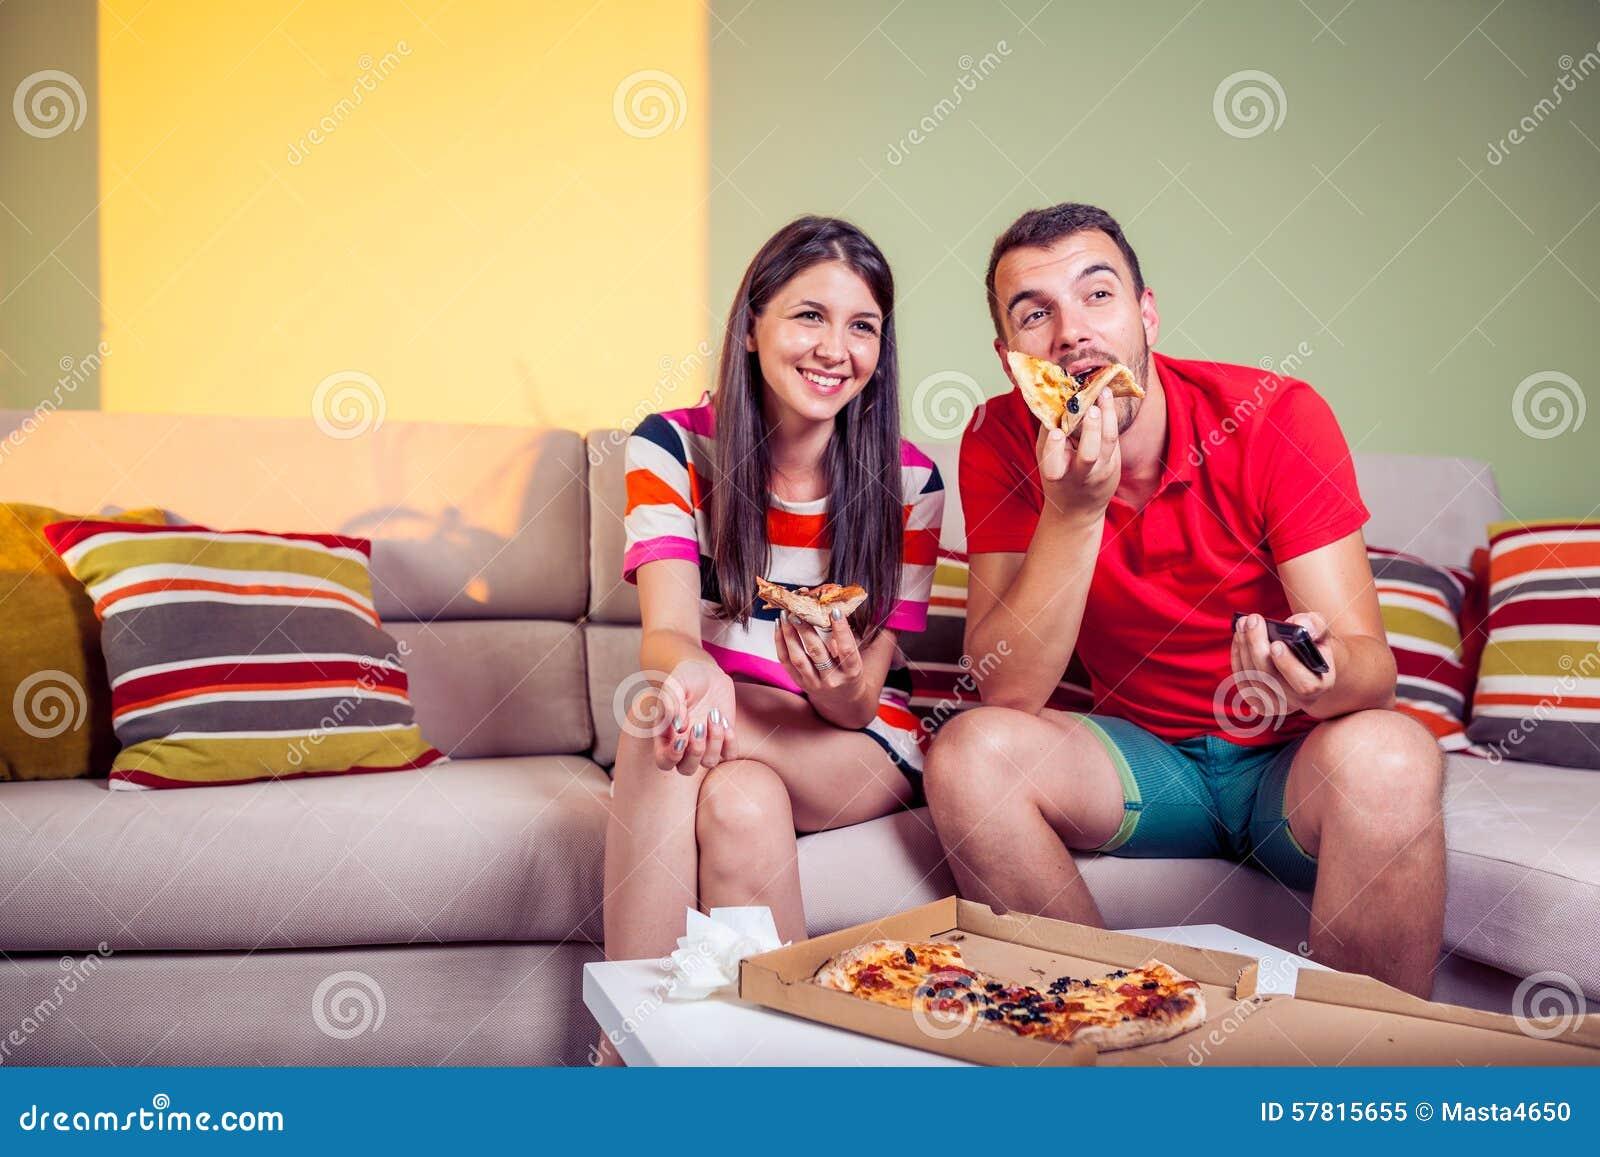 Flippige Junge Paare Die Pizza Auf Einer Couch Essen Stockbild